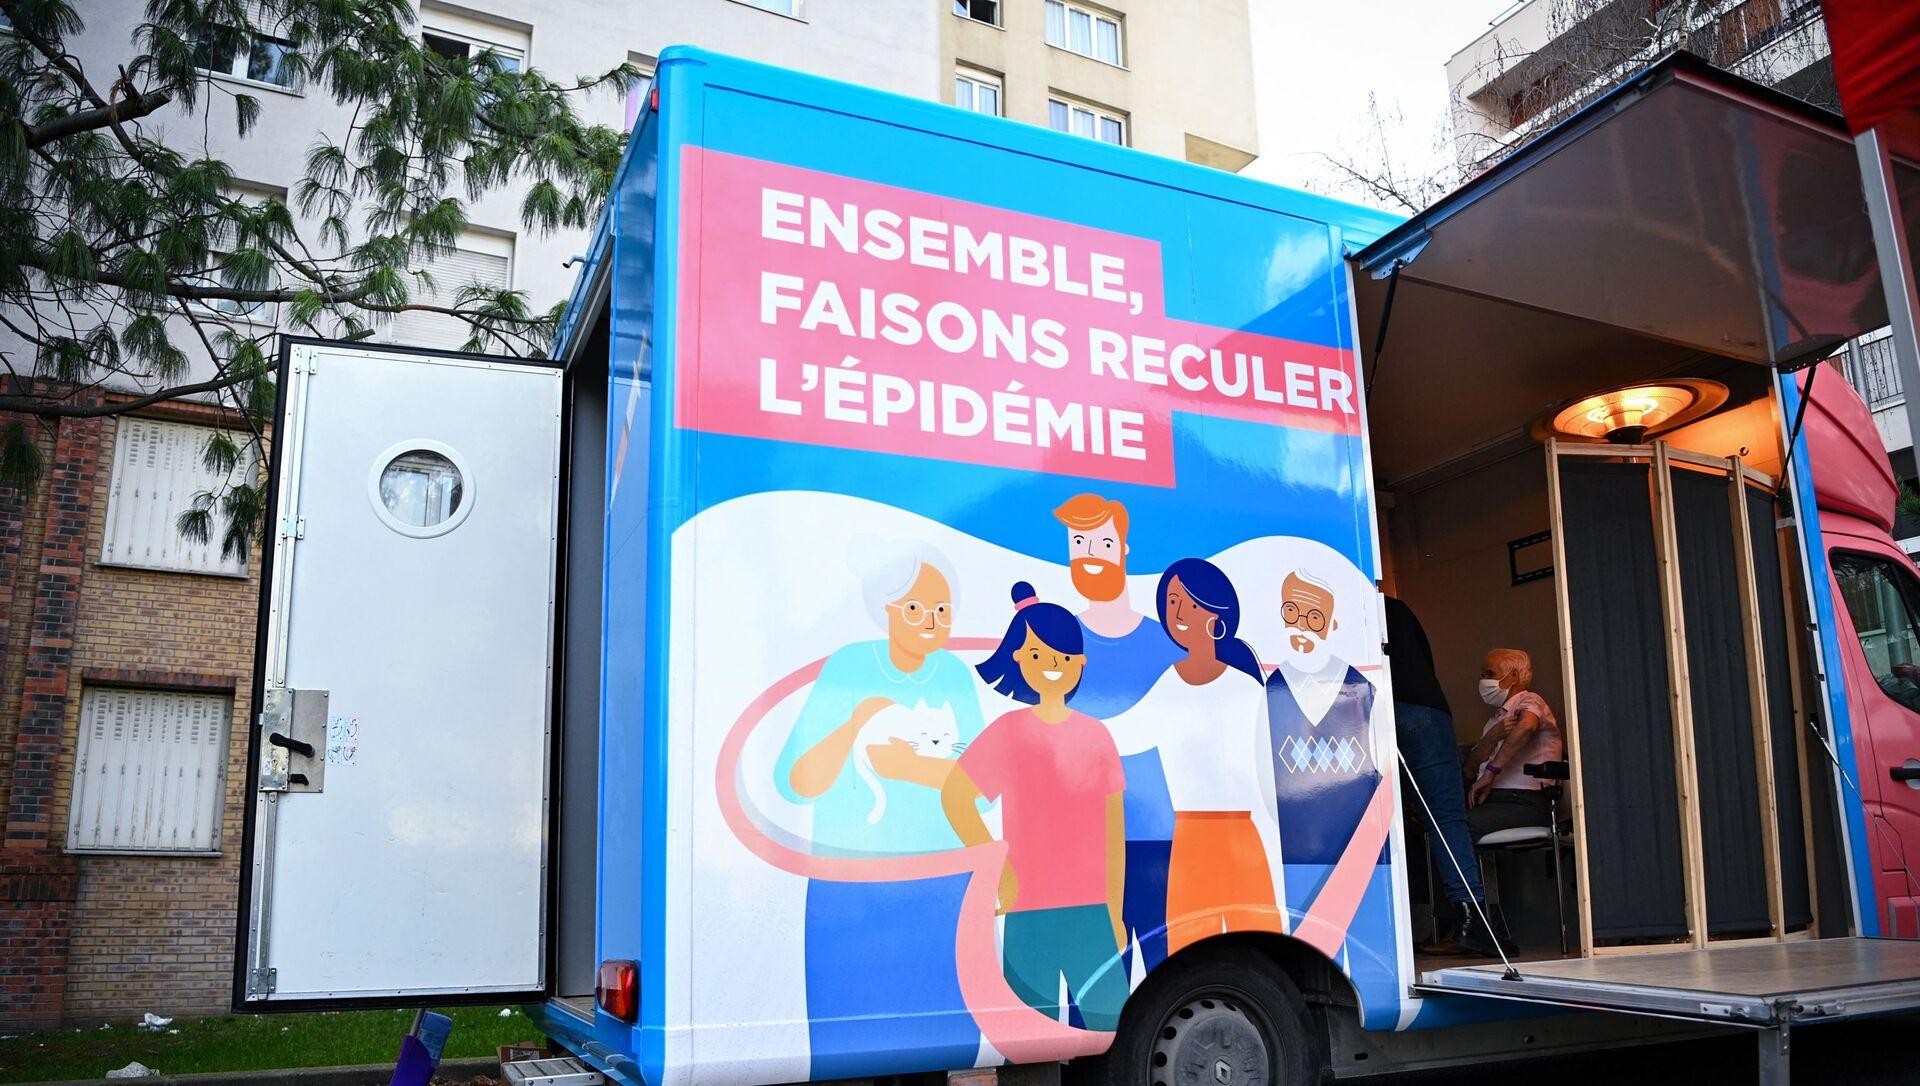 campagne vaccinale en France, le 2 mars 2021 - Sputnik France, 1920, 30.03.2021